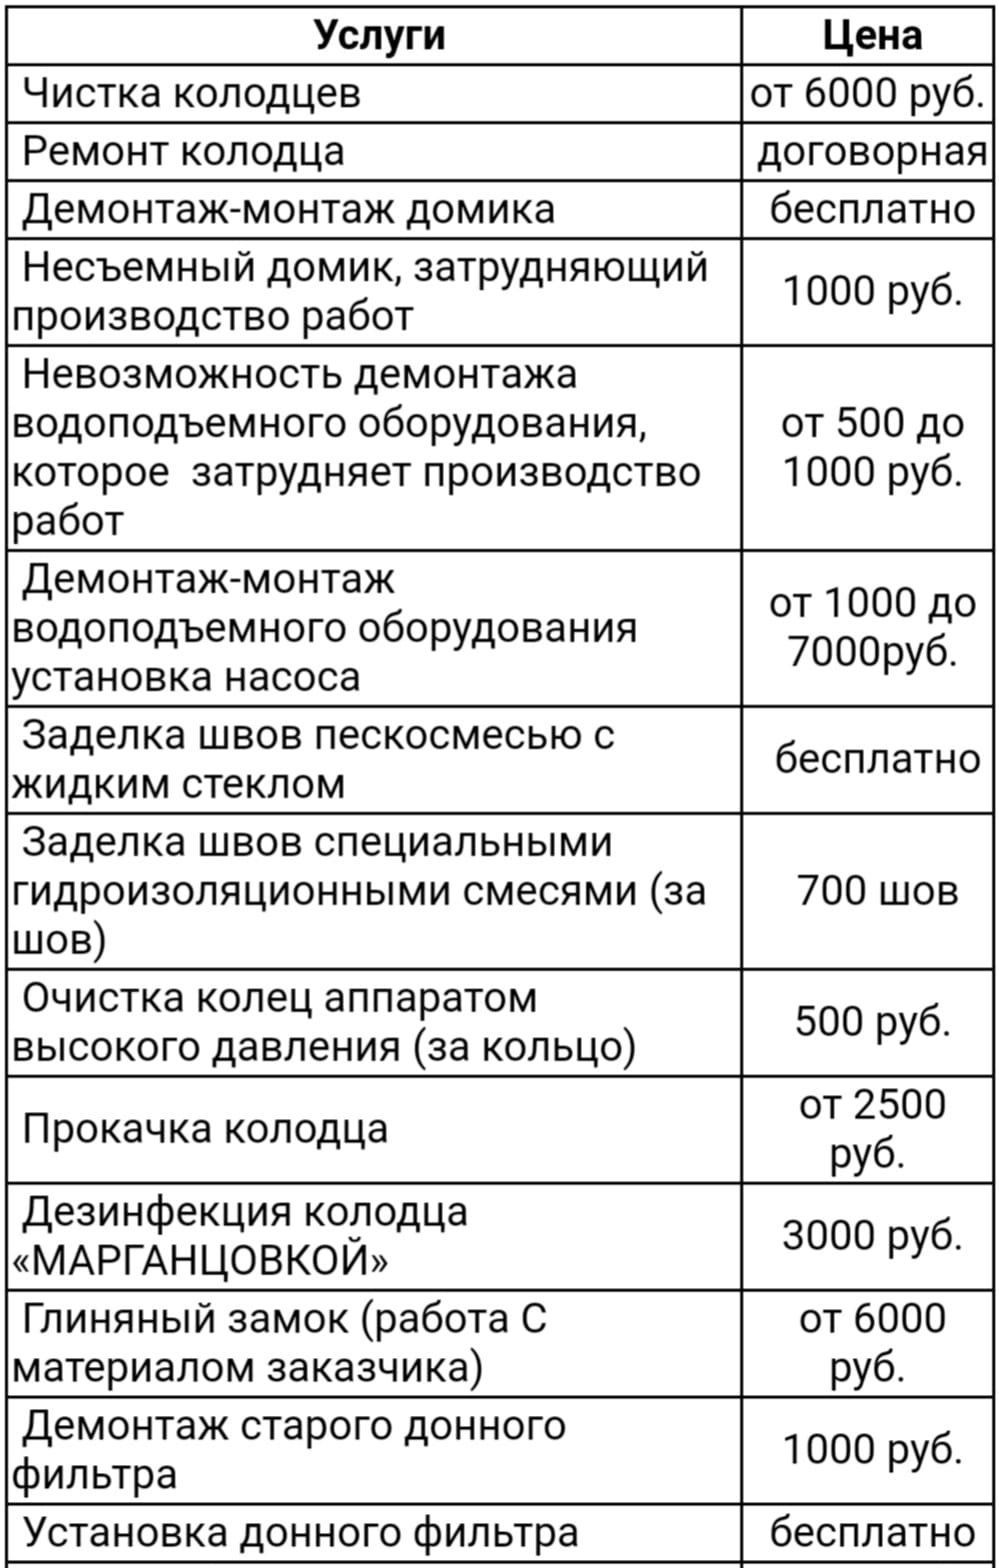 Чистка колодцев в Видном и Ленинском районе